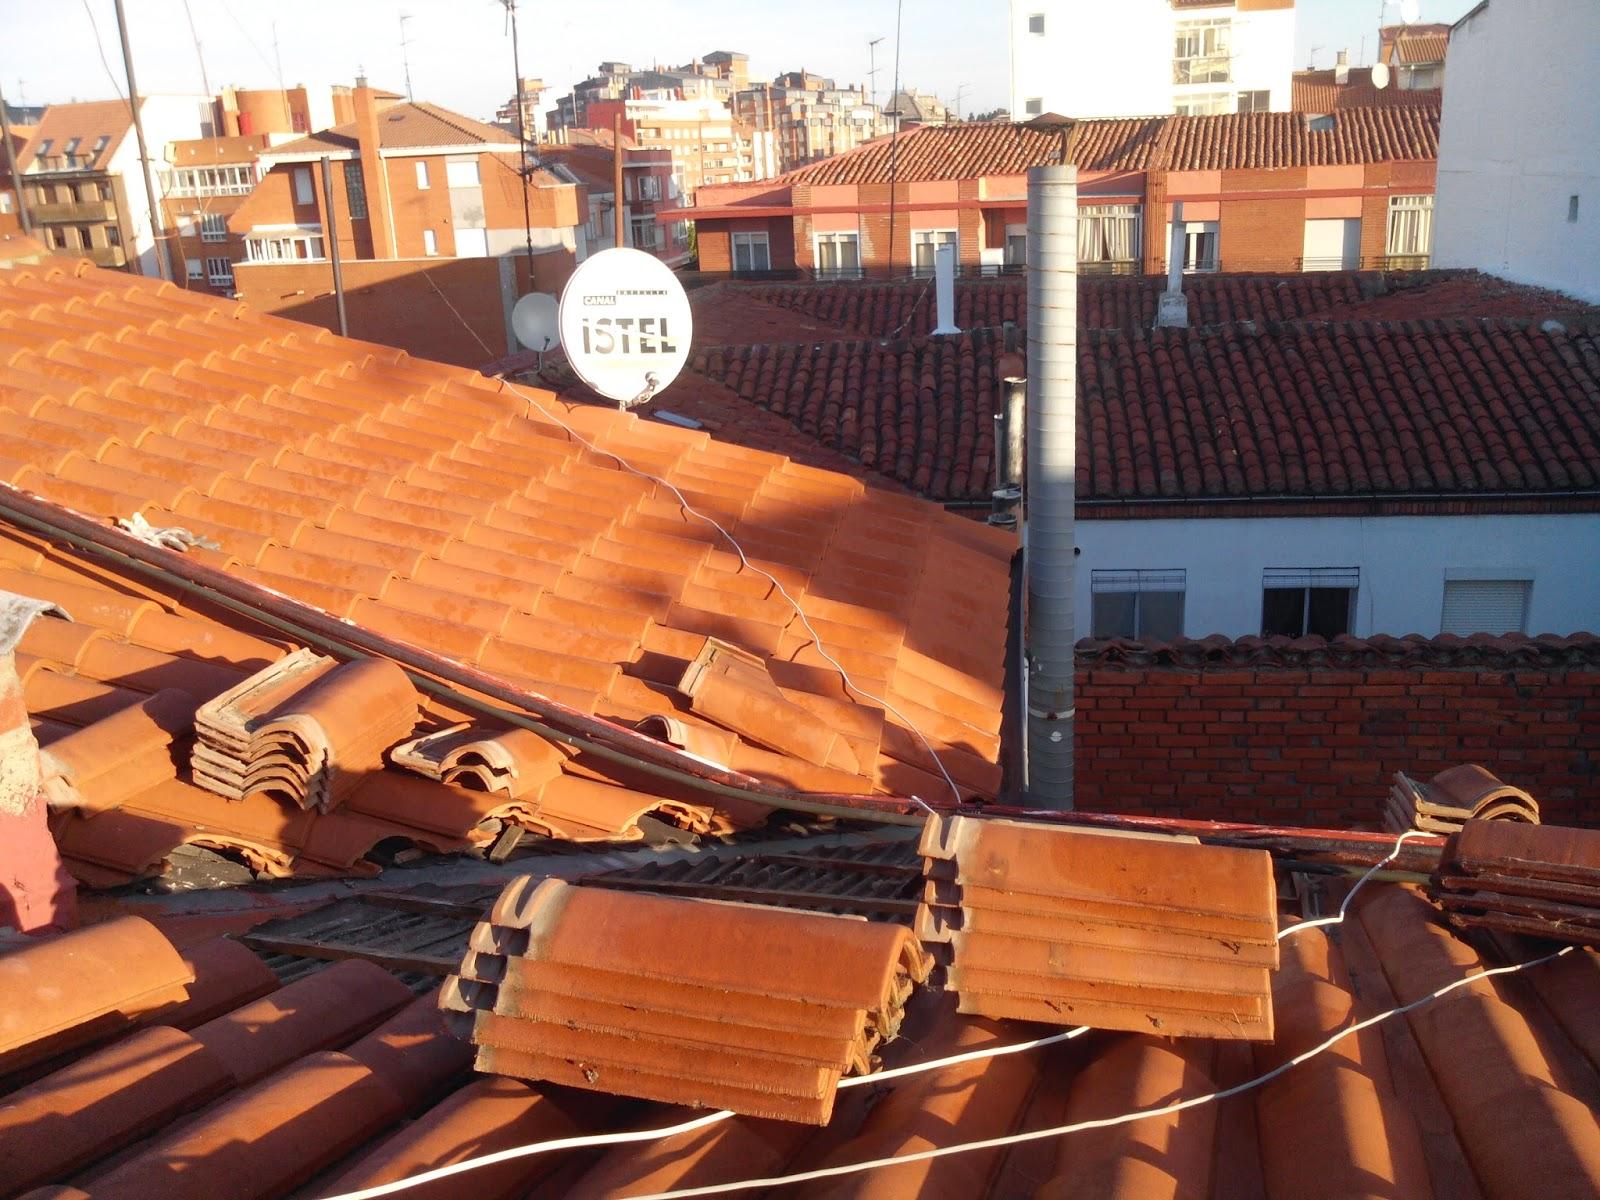 Reformas de Tejados en León. Reformas de Tejados, reparacion de goteras y humedades, presupuestos tlf618848709 y 987846623 en León.